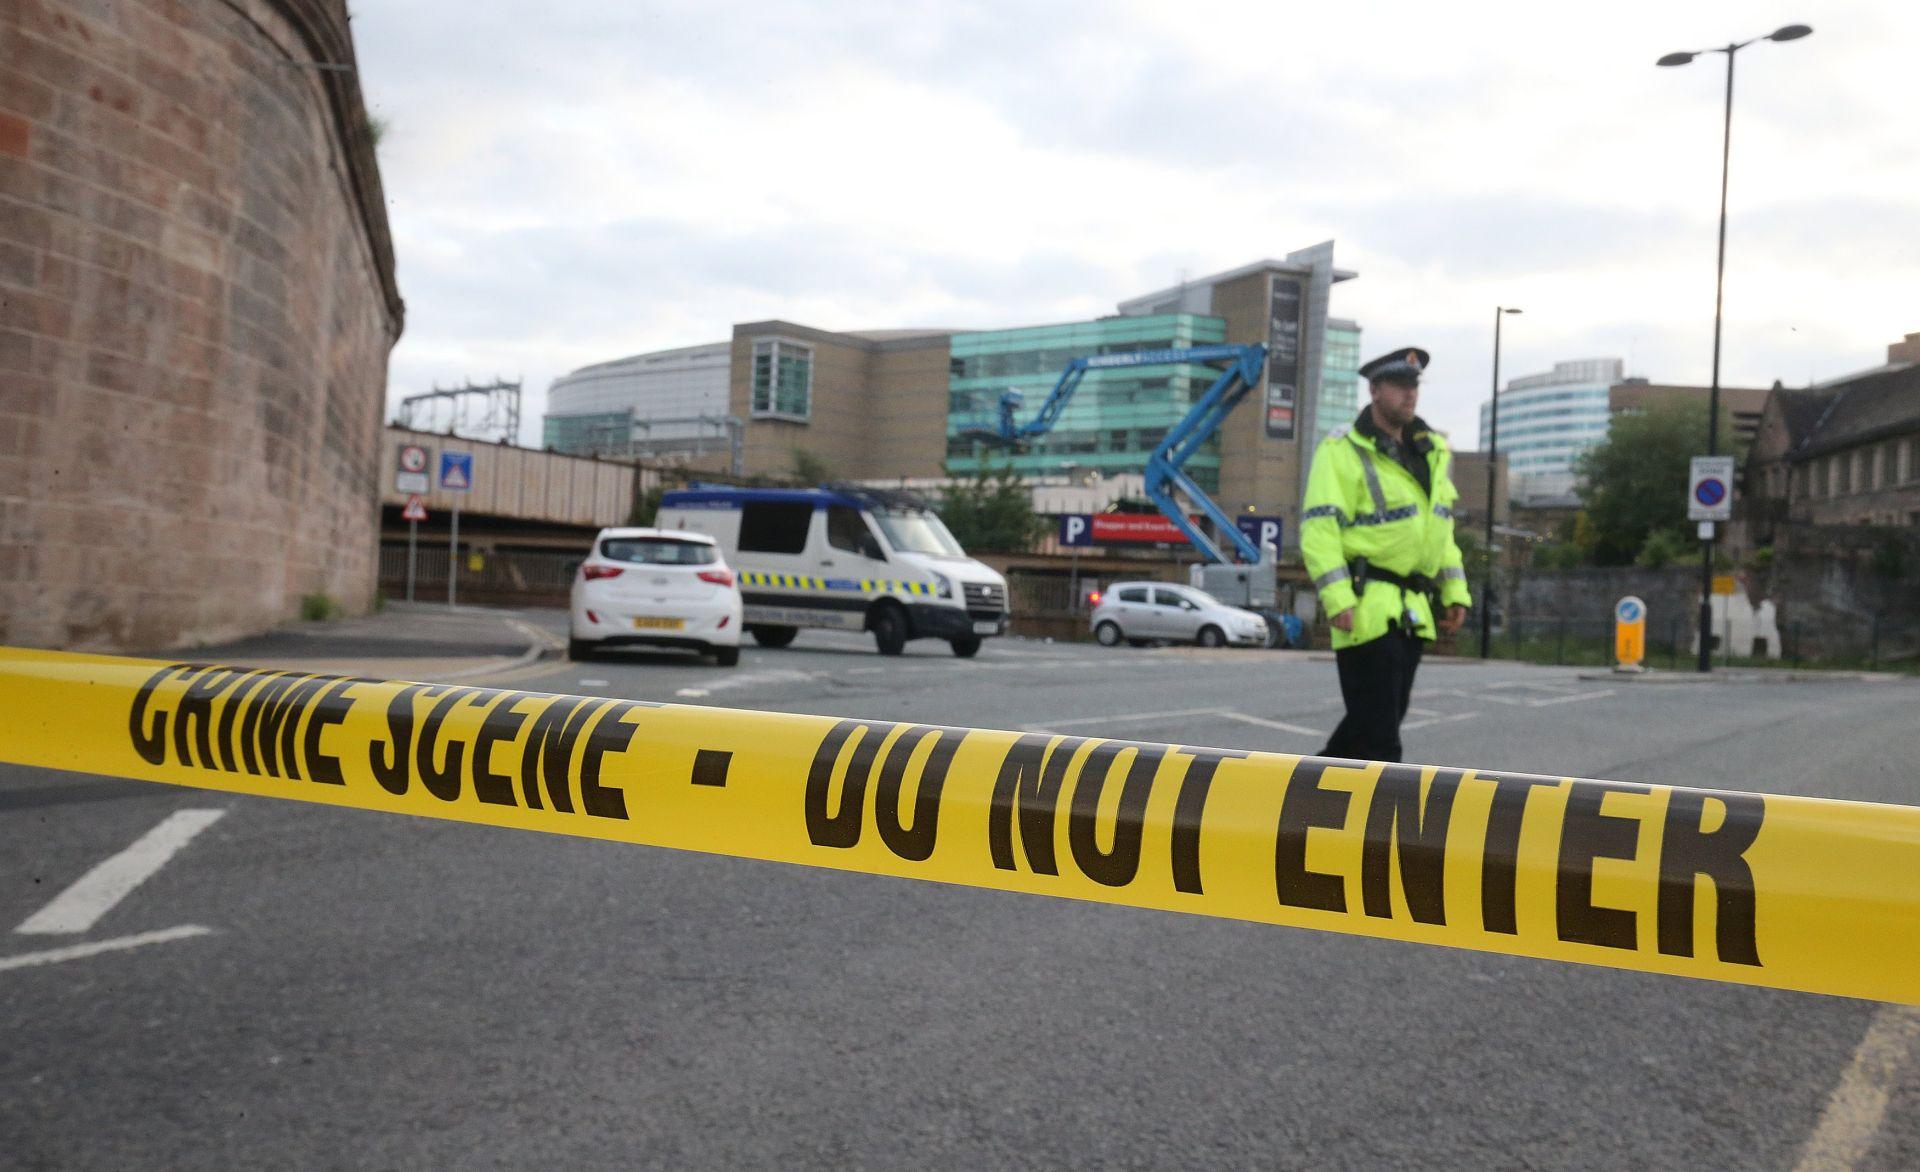 Britanska policija uhitila još dvoje osumnjičenih za napad u Manchesteru